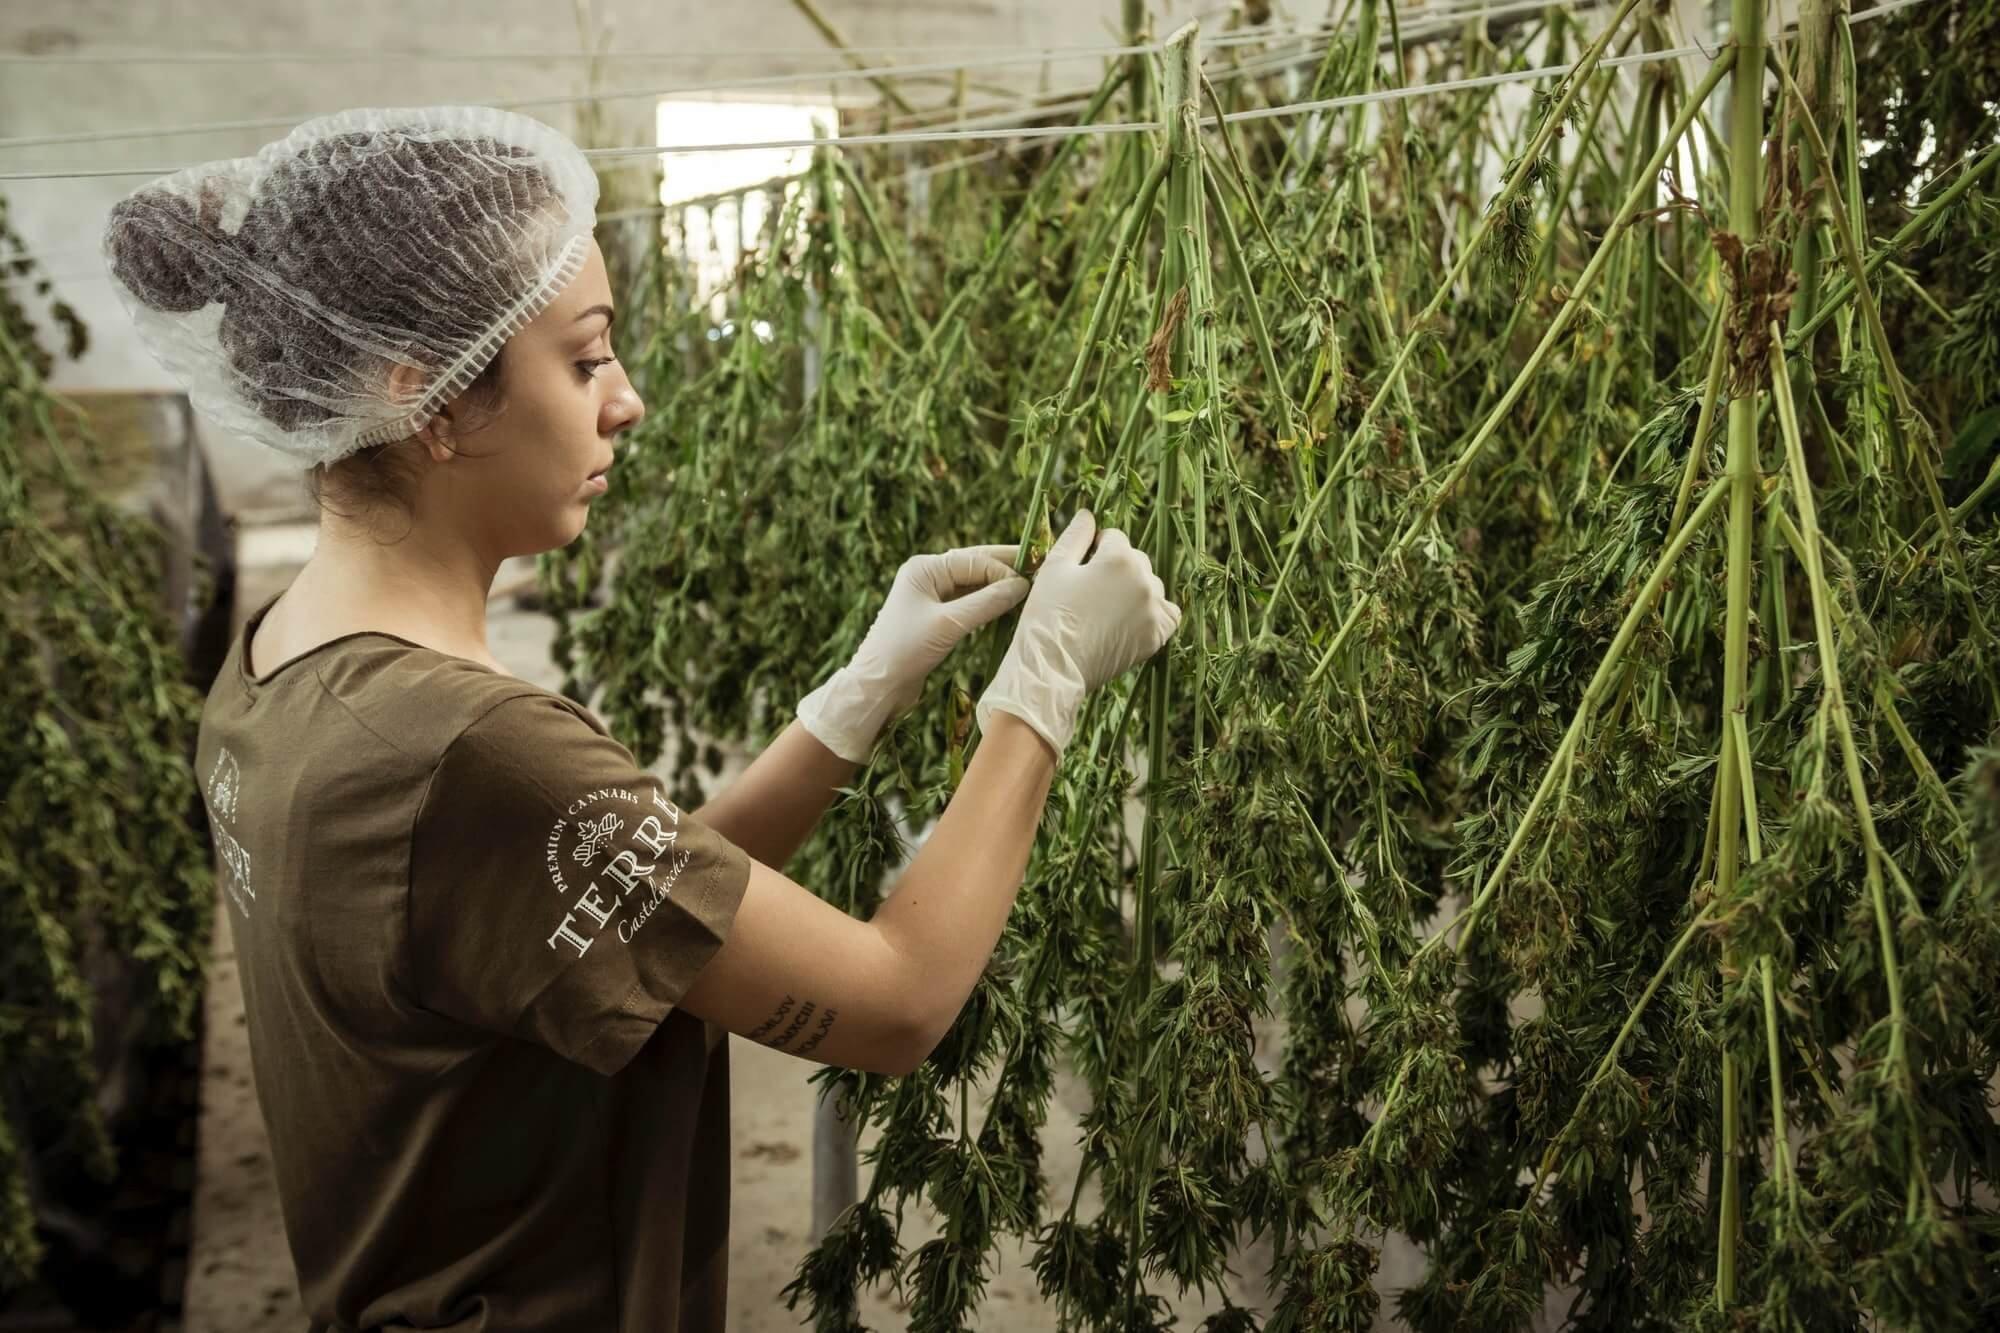 Закон о легализации марихуаны обкурятся своей марихуаной